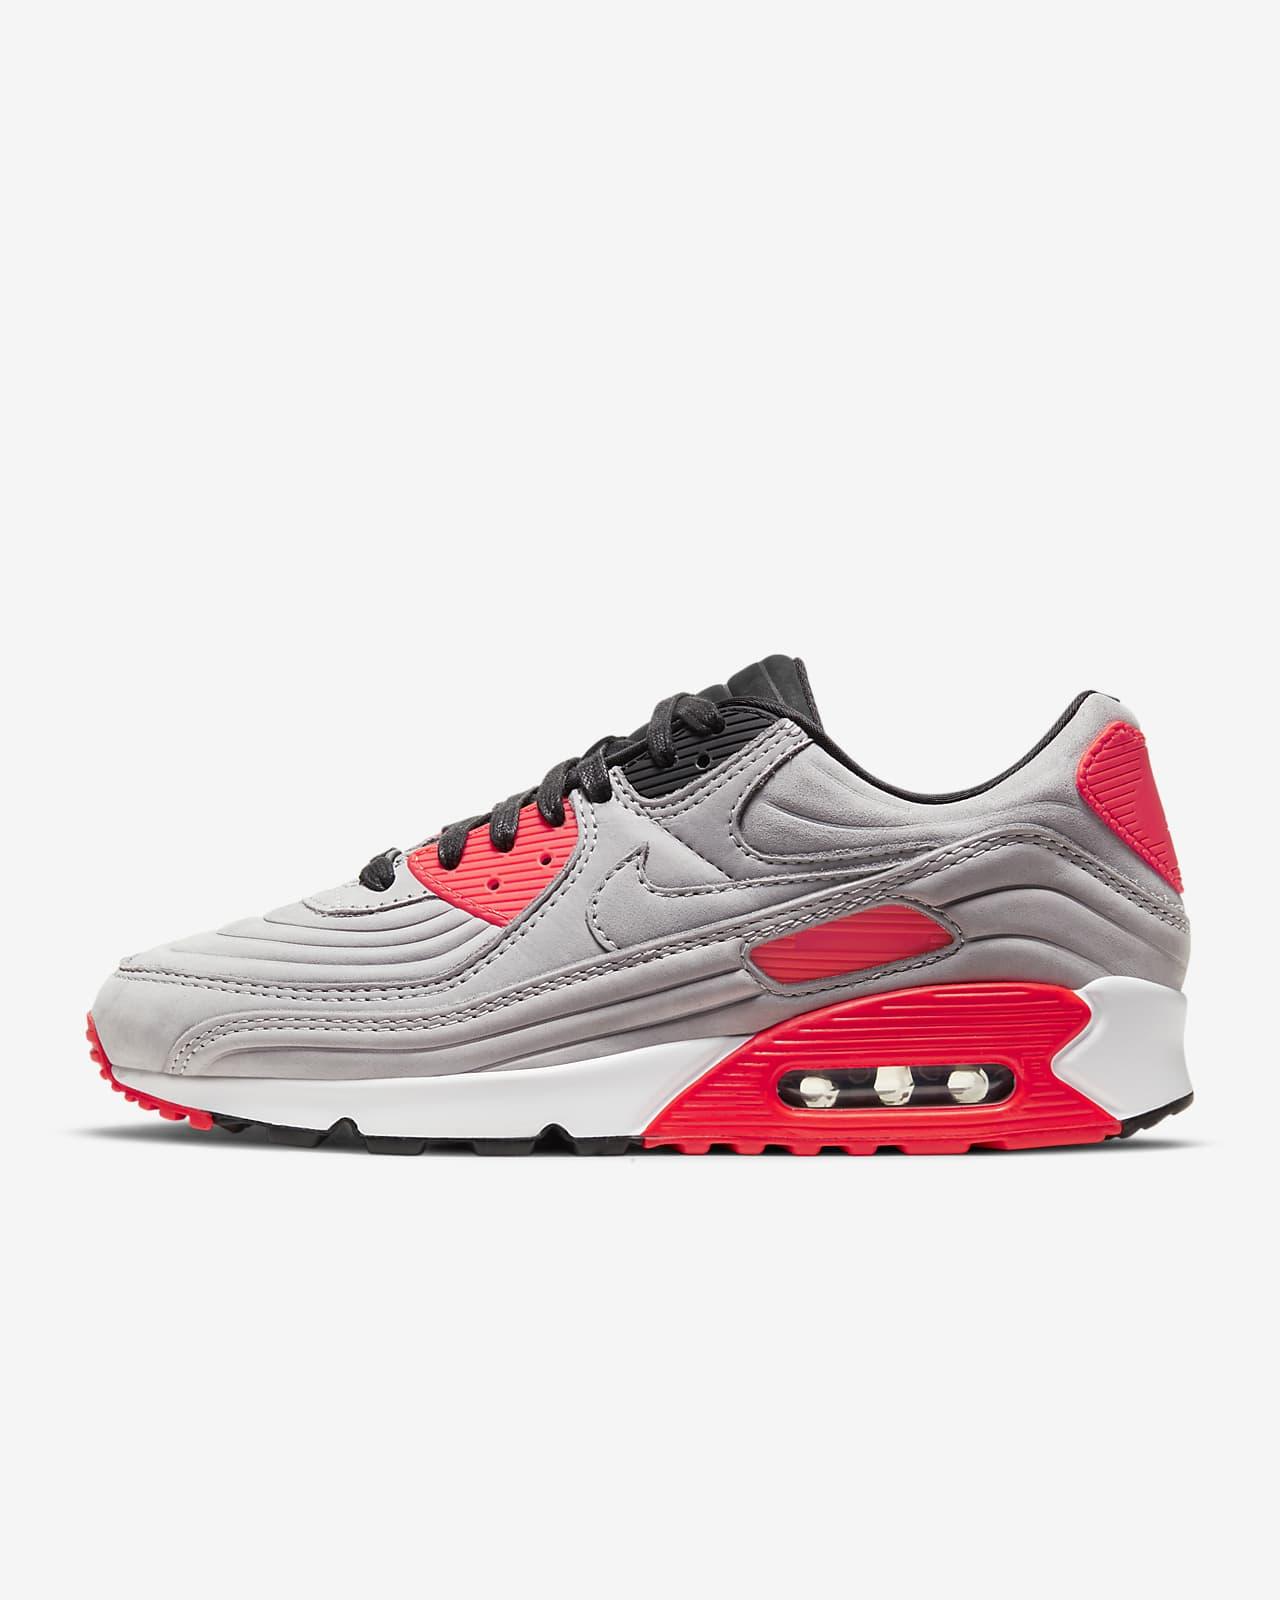 Chaussure Nike Air Max 90 QS pour Homme. Nike LU